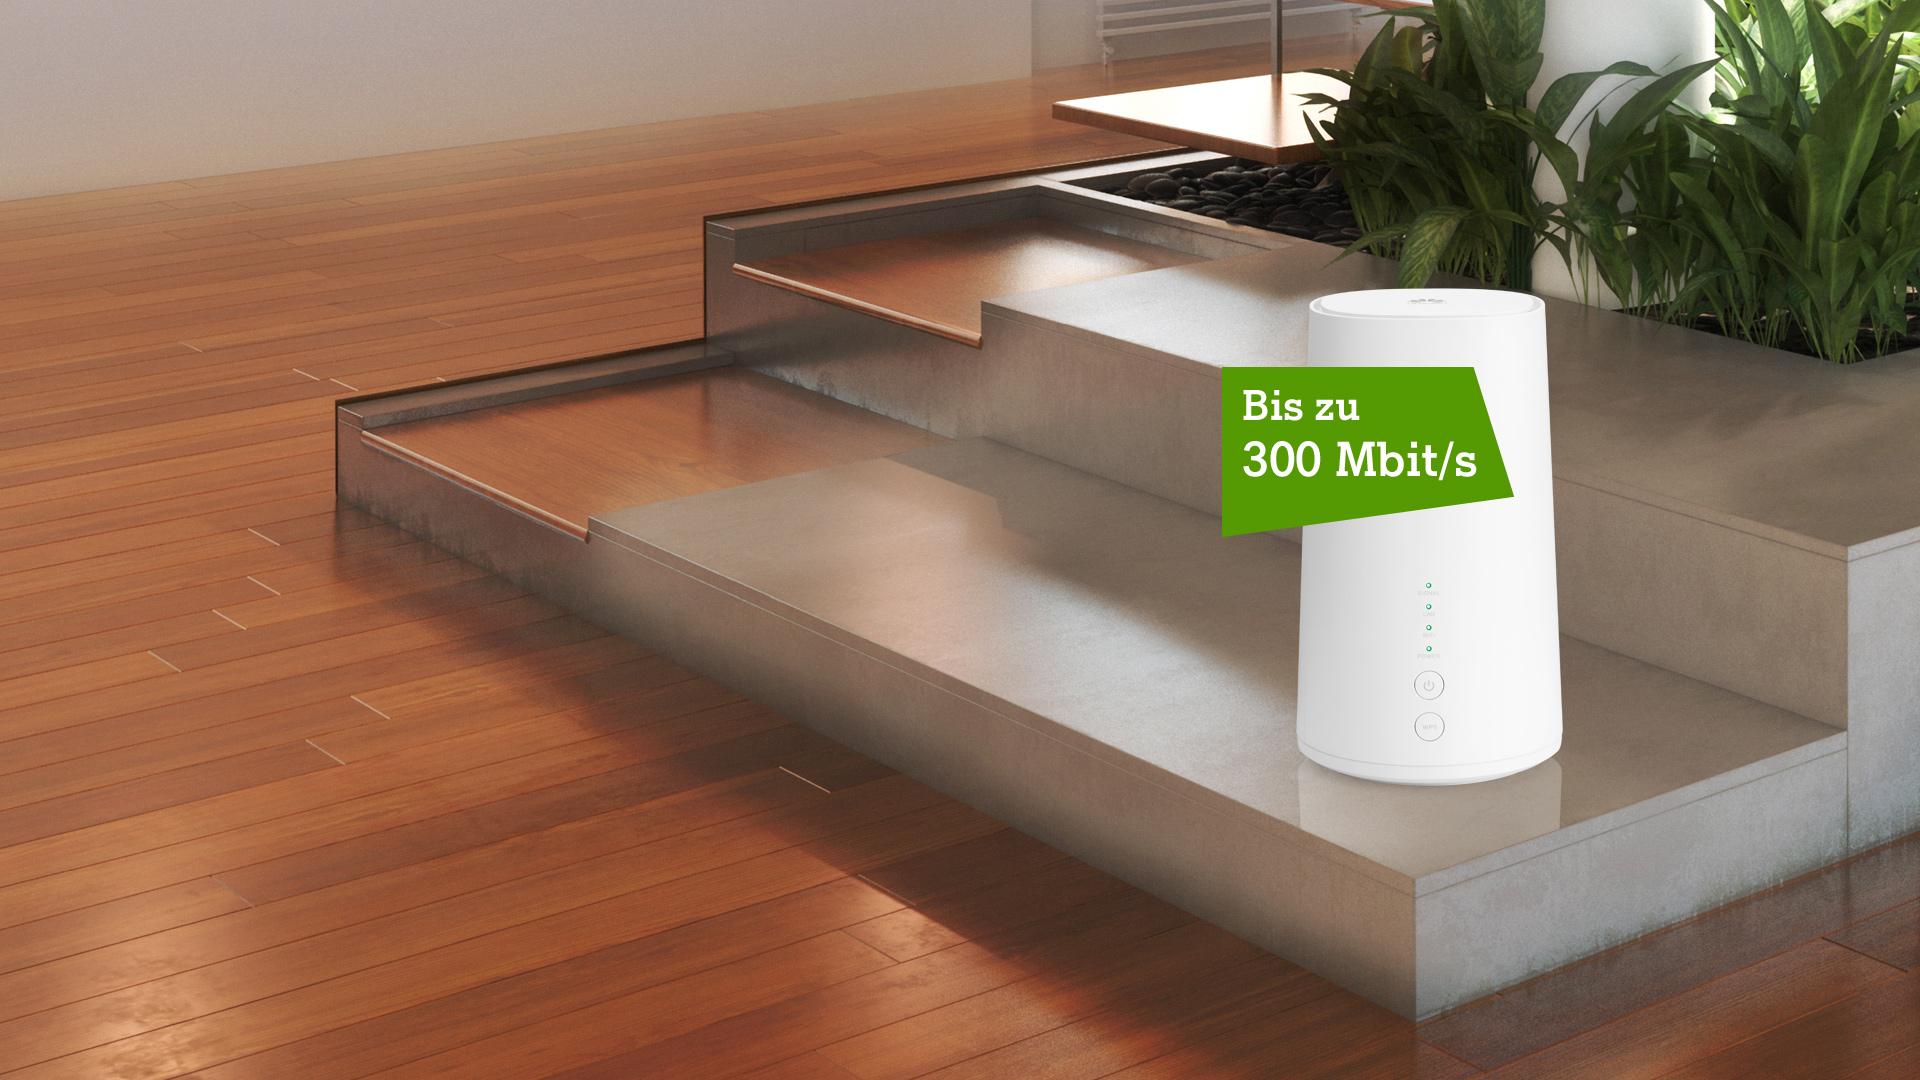 Net Cube Plus auf Wohnzimmertisch mit Störer: bis zu 300 Mbit/s